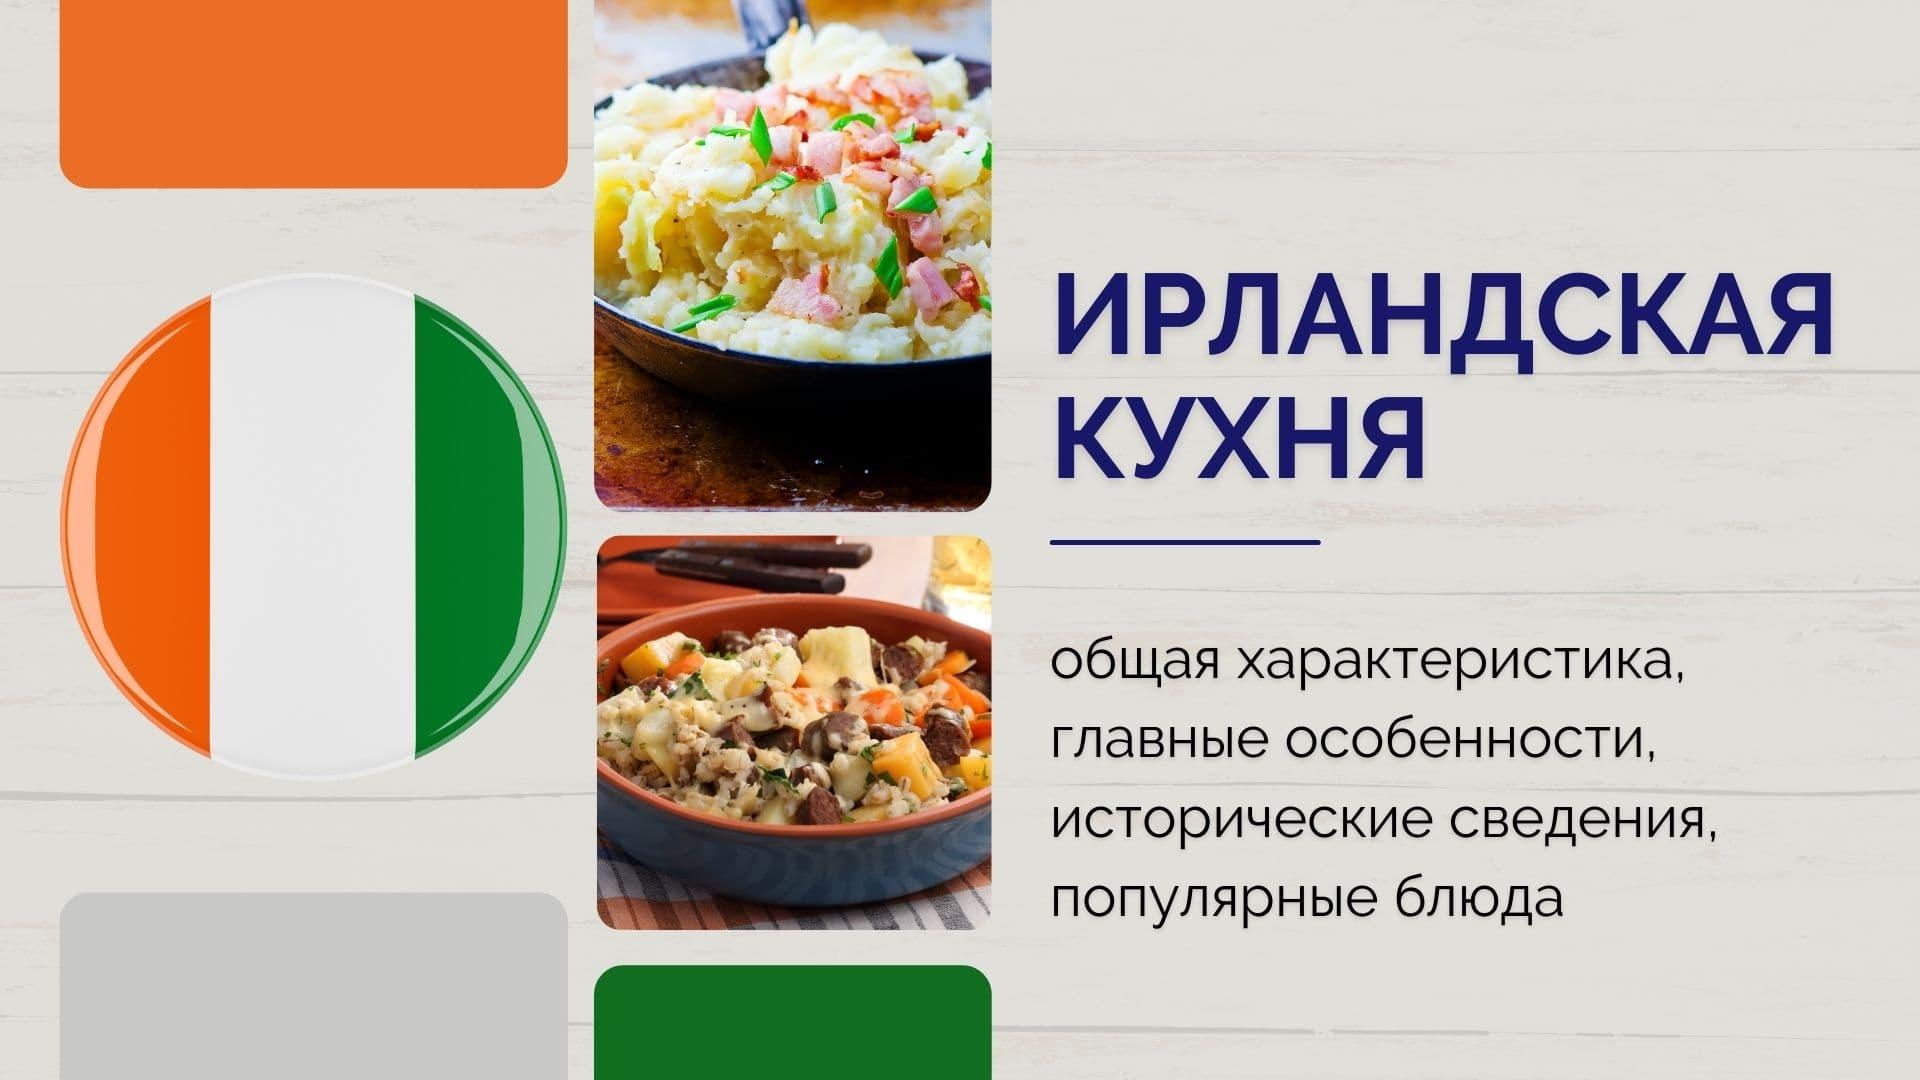 Ирландская кухня: общая характеристика, главные особенности, исторические сведения, популярные блюда